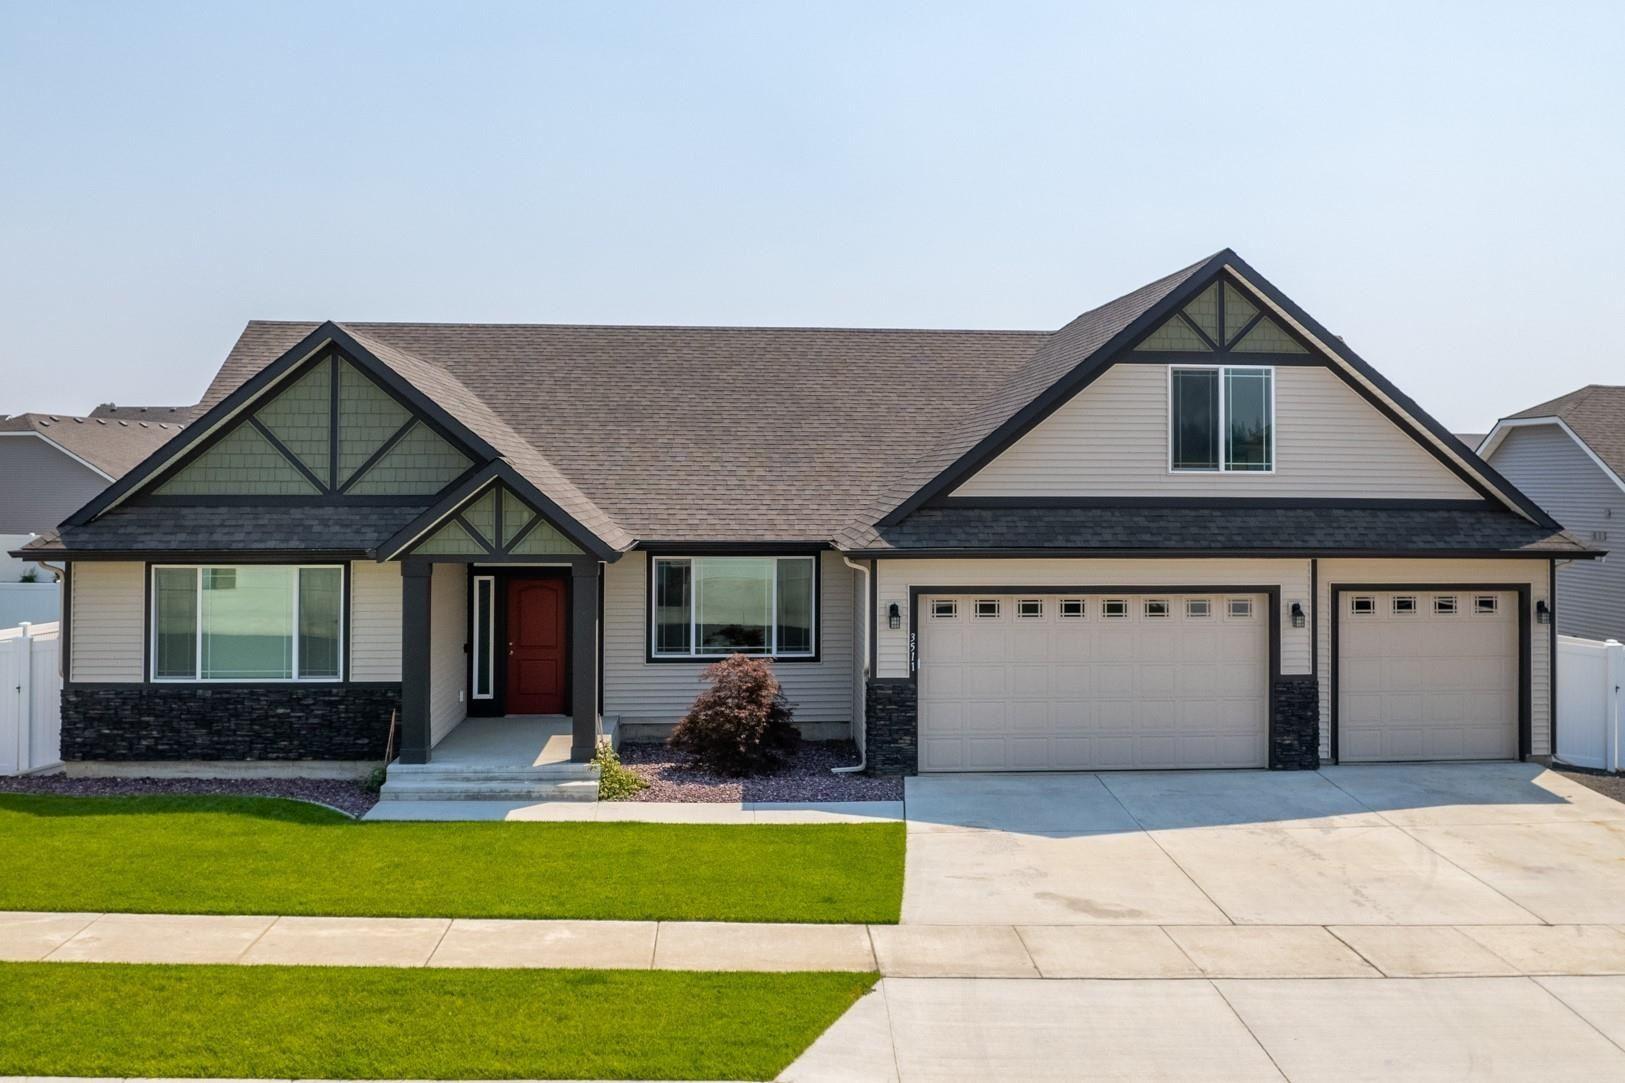 3511 W Westview Ave, Spokane, WA 99208 - #: 202119470